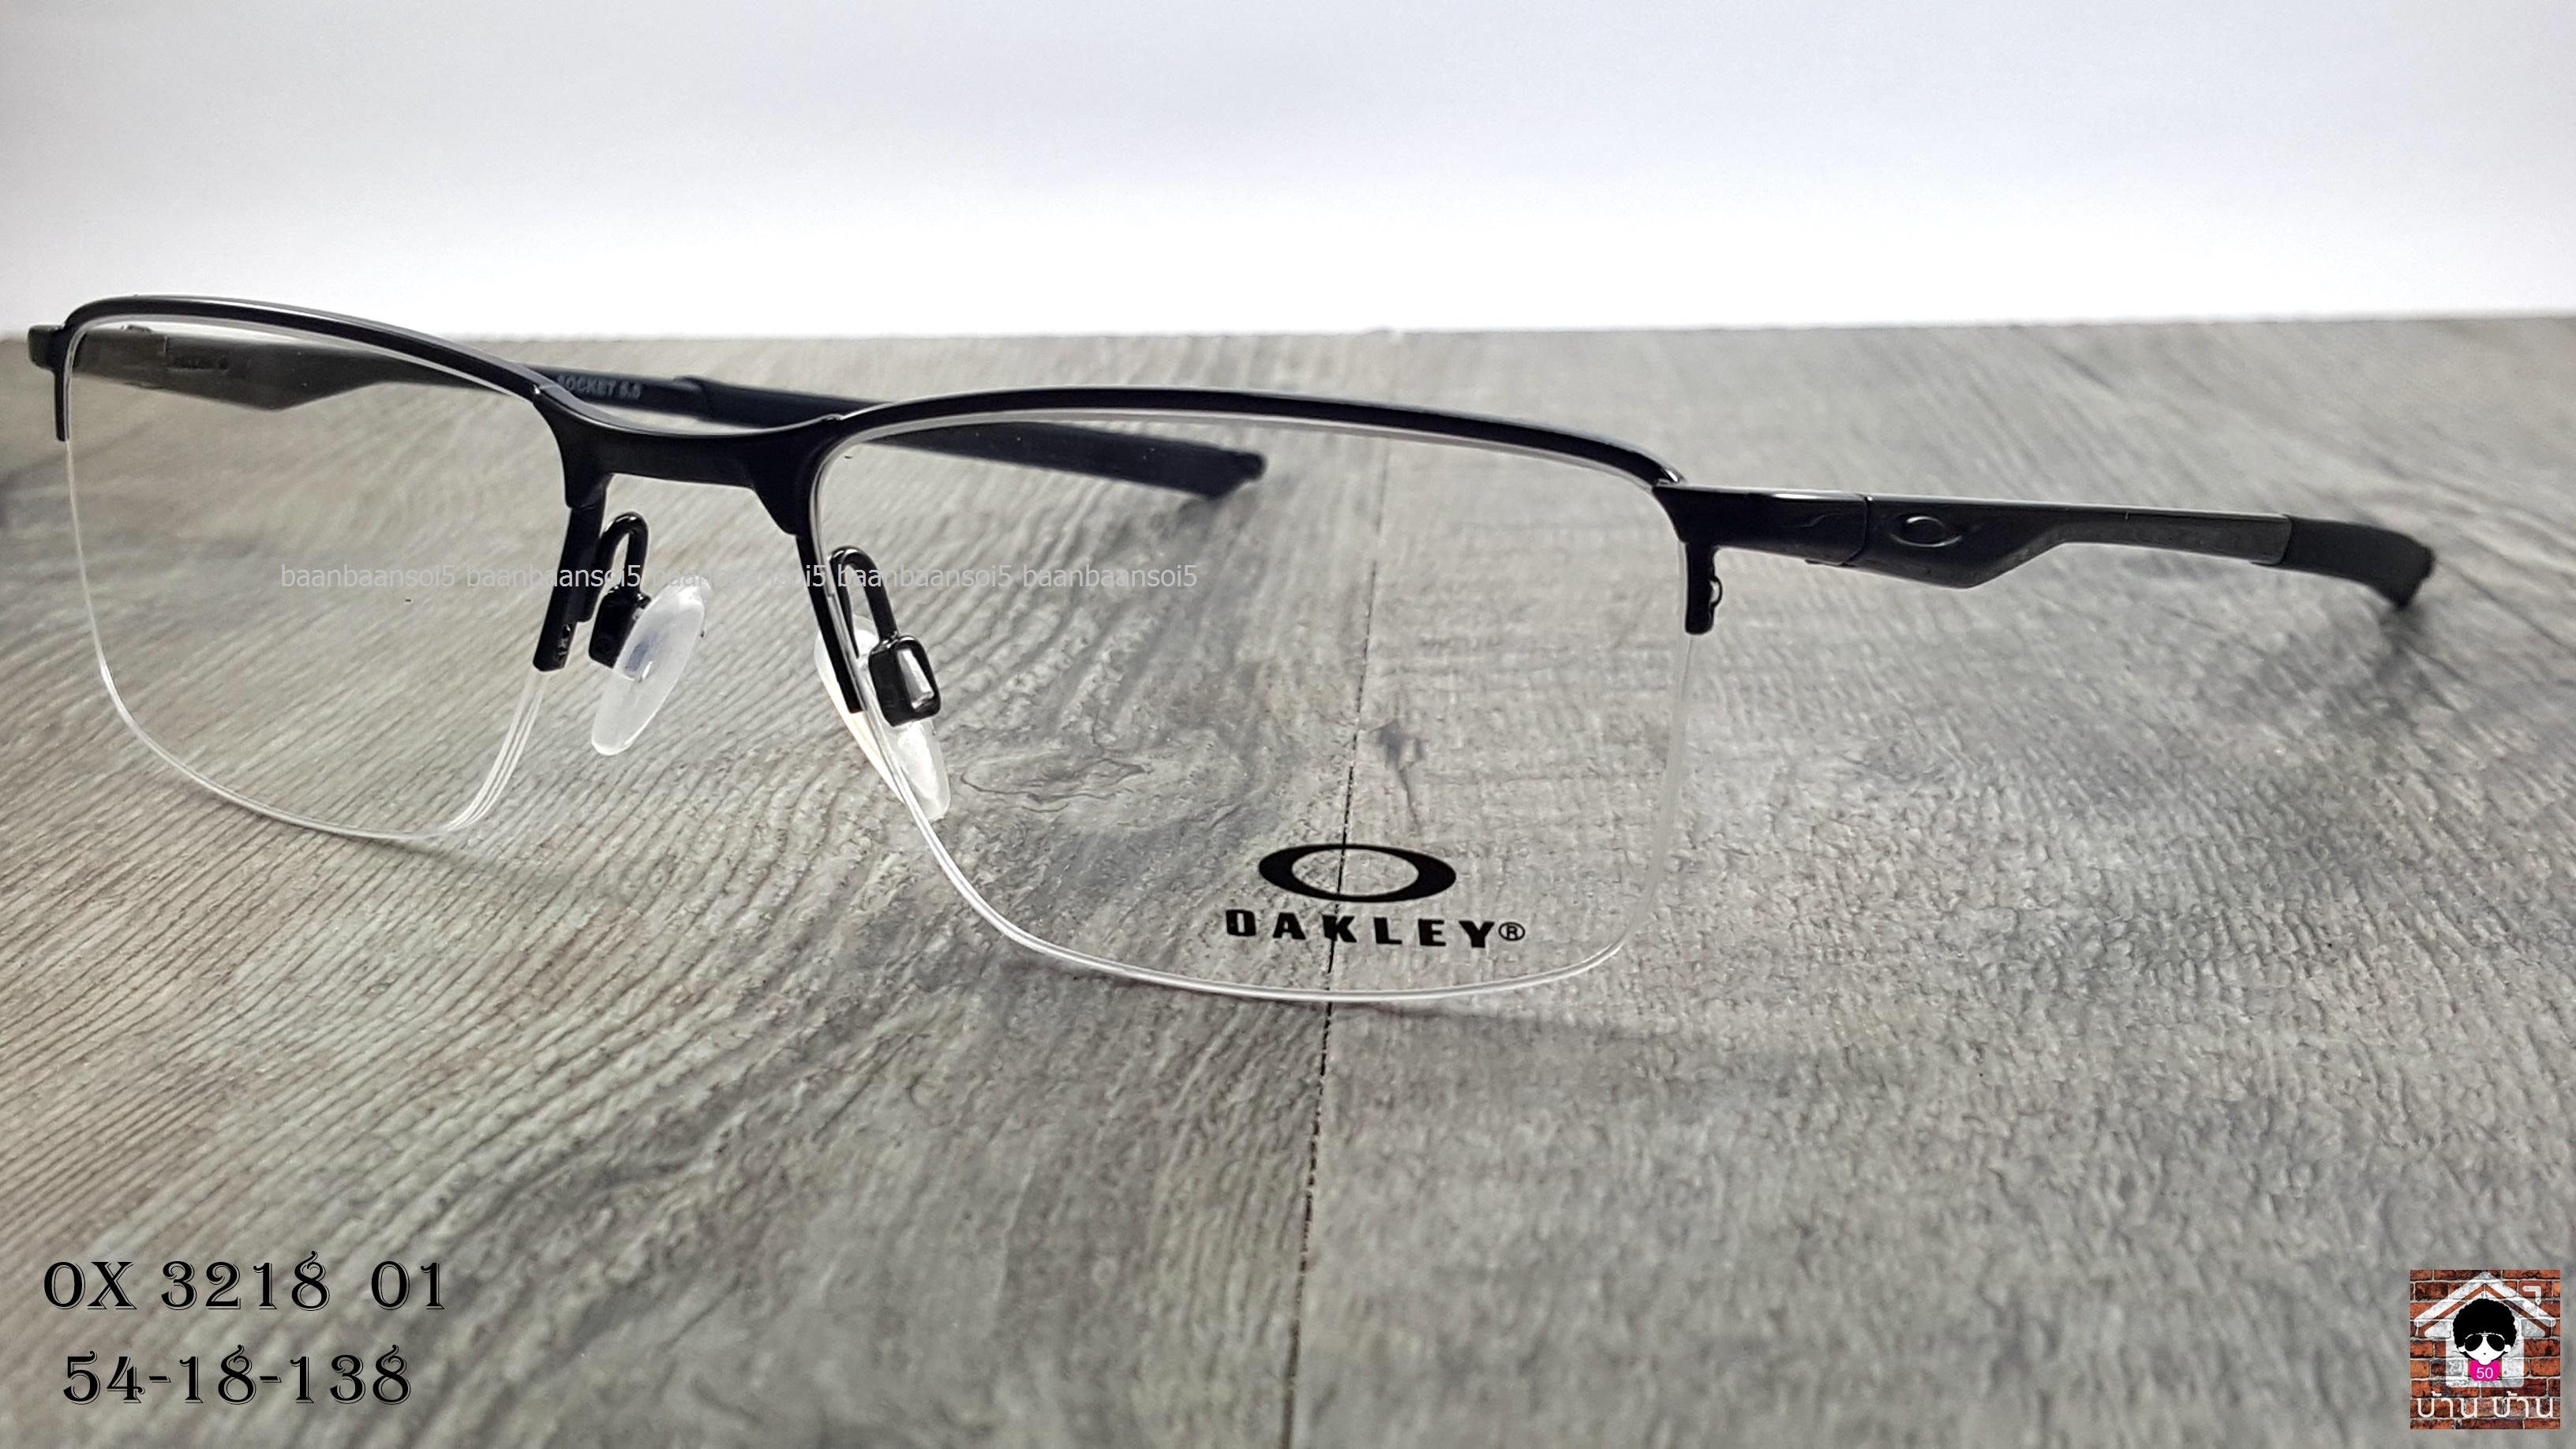 OAKLEY OX3218-01 SOCKET 5.5 โปรโมชั่น กรอบแว่นตาพร้อมเลนส์ HOYA ราคา 4,700 บาท